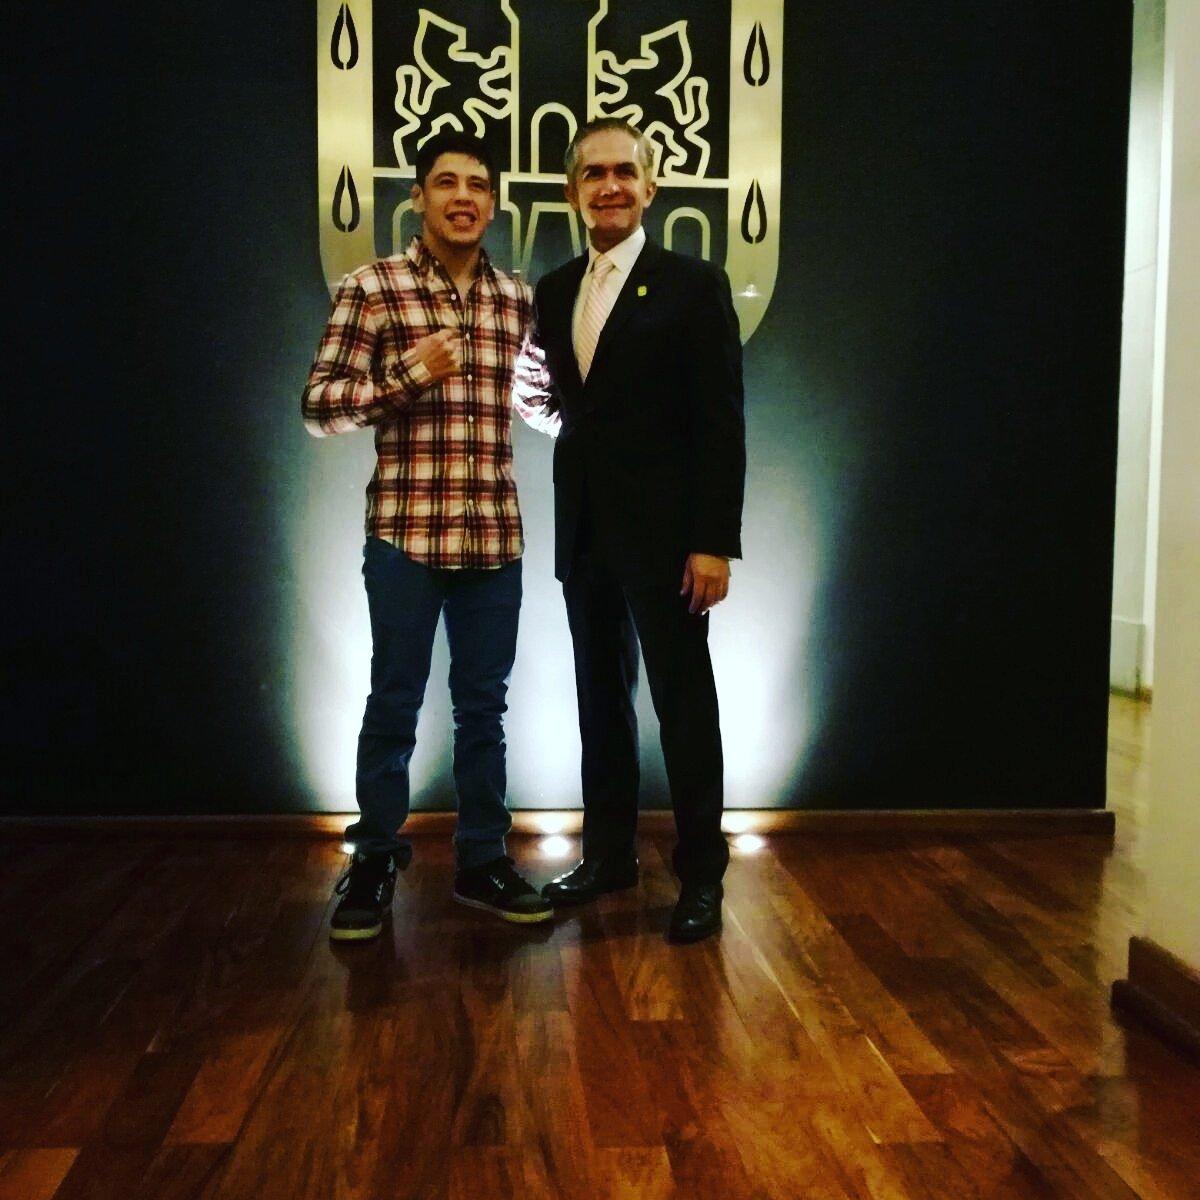 Ultimo día de promoción, todo el agradecimiento a Miguel Angel Mancera por el recibimiento en palacio de gobierno 👌👌 #CDMX !! https://t.co/wr65zB2r3r